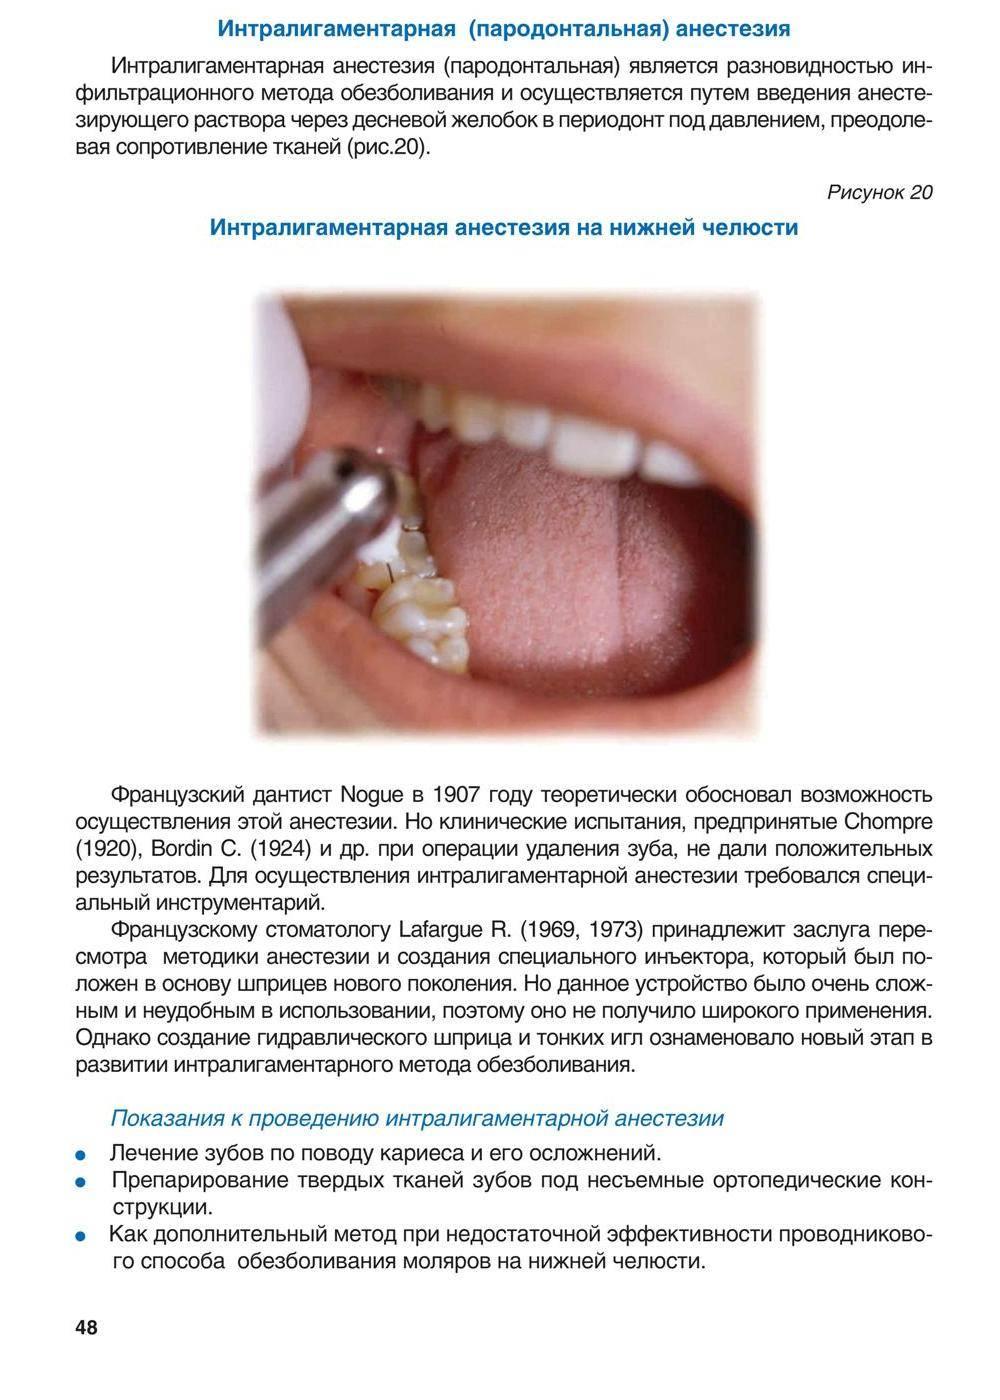 Через сколько отходит зубная анестезия